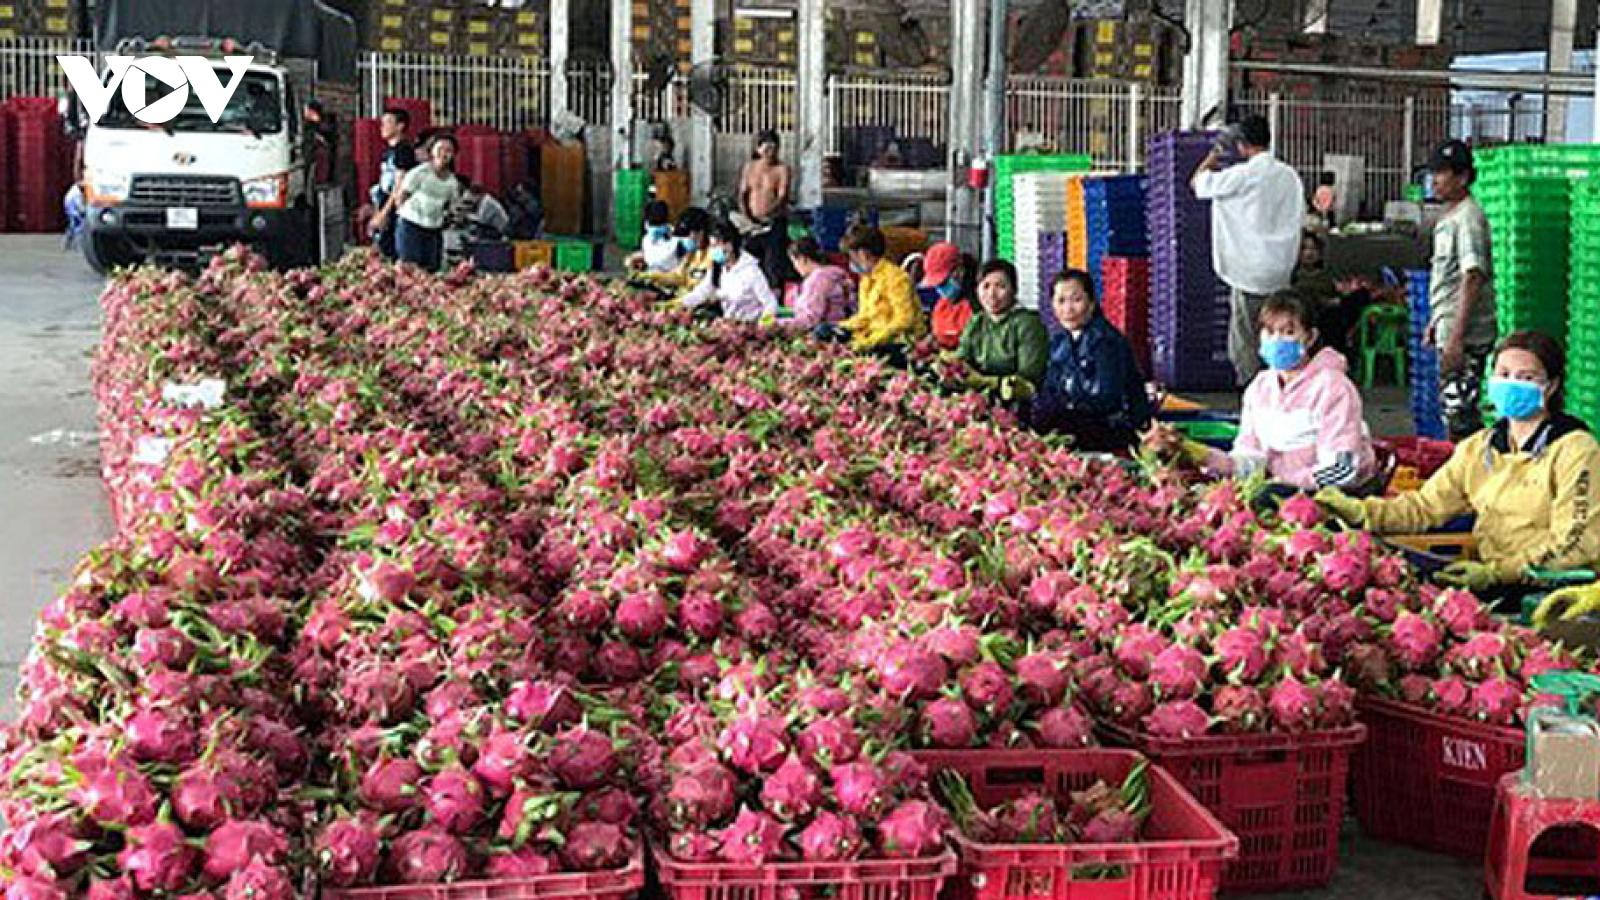 Thanh long Việt Nam còn nhiều lợi thế trên thị trường quốc tế